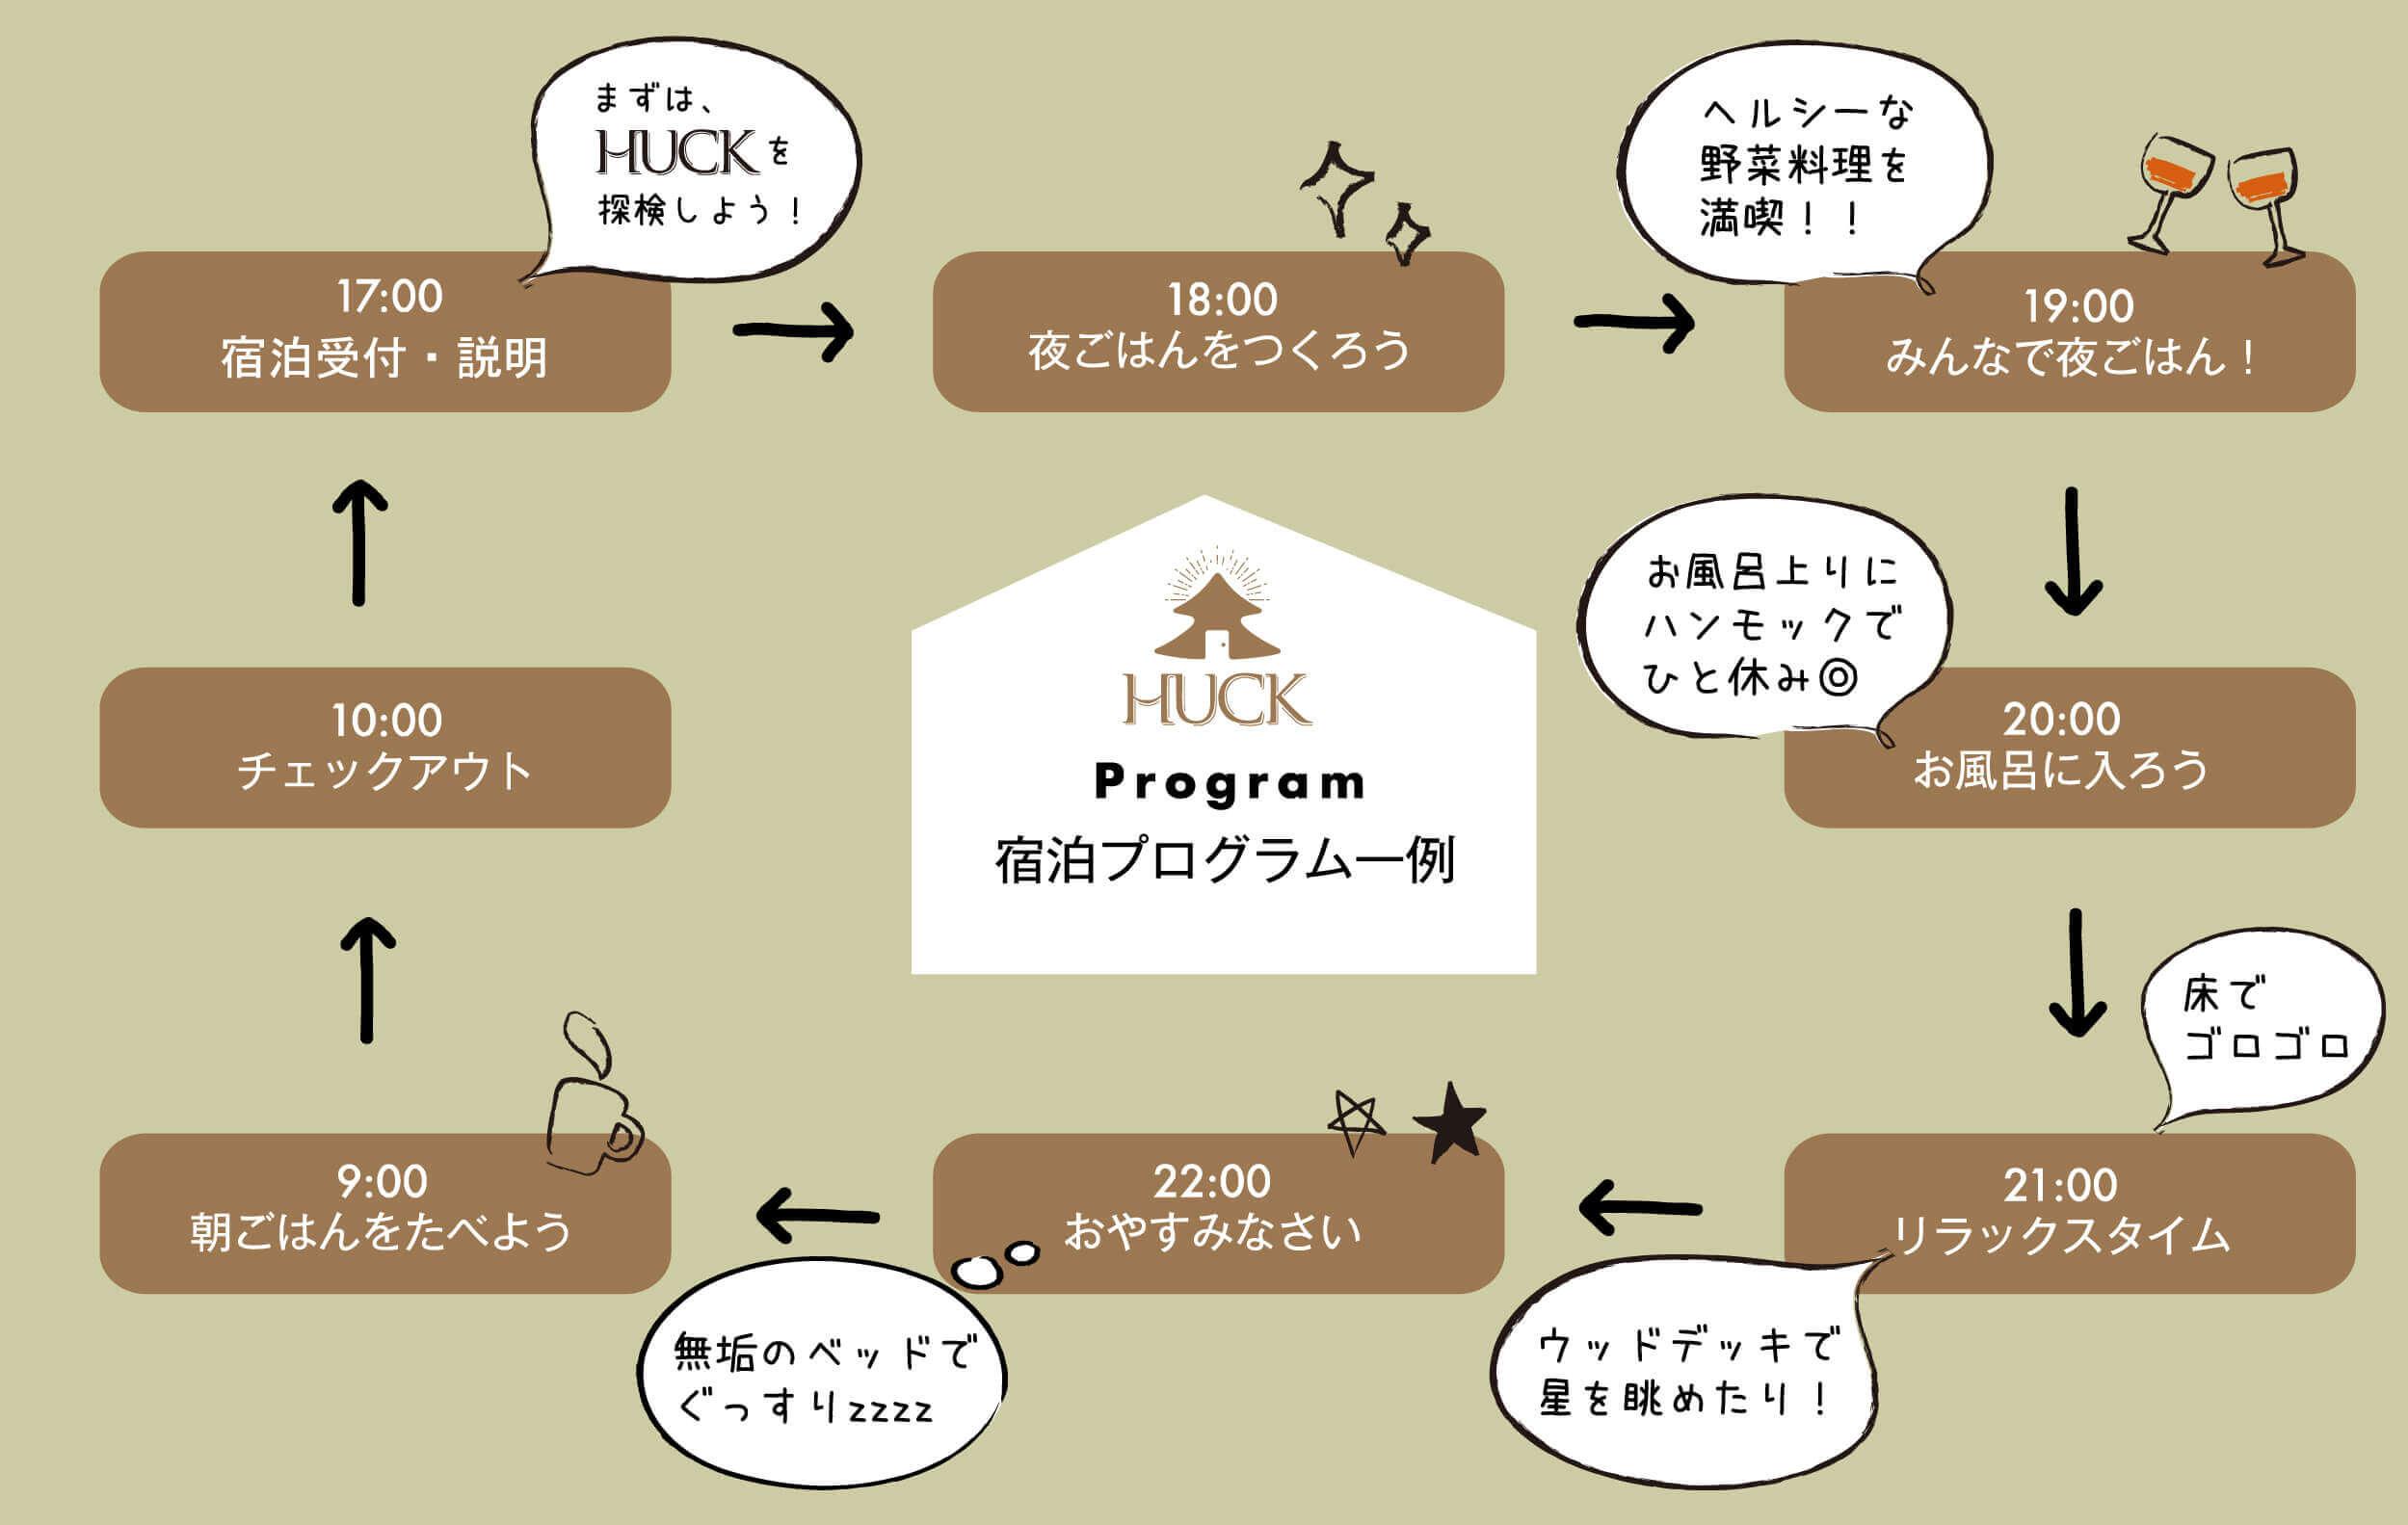 宿泊プログラム一例